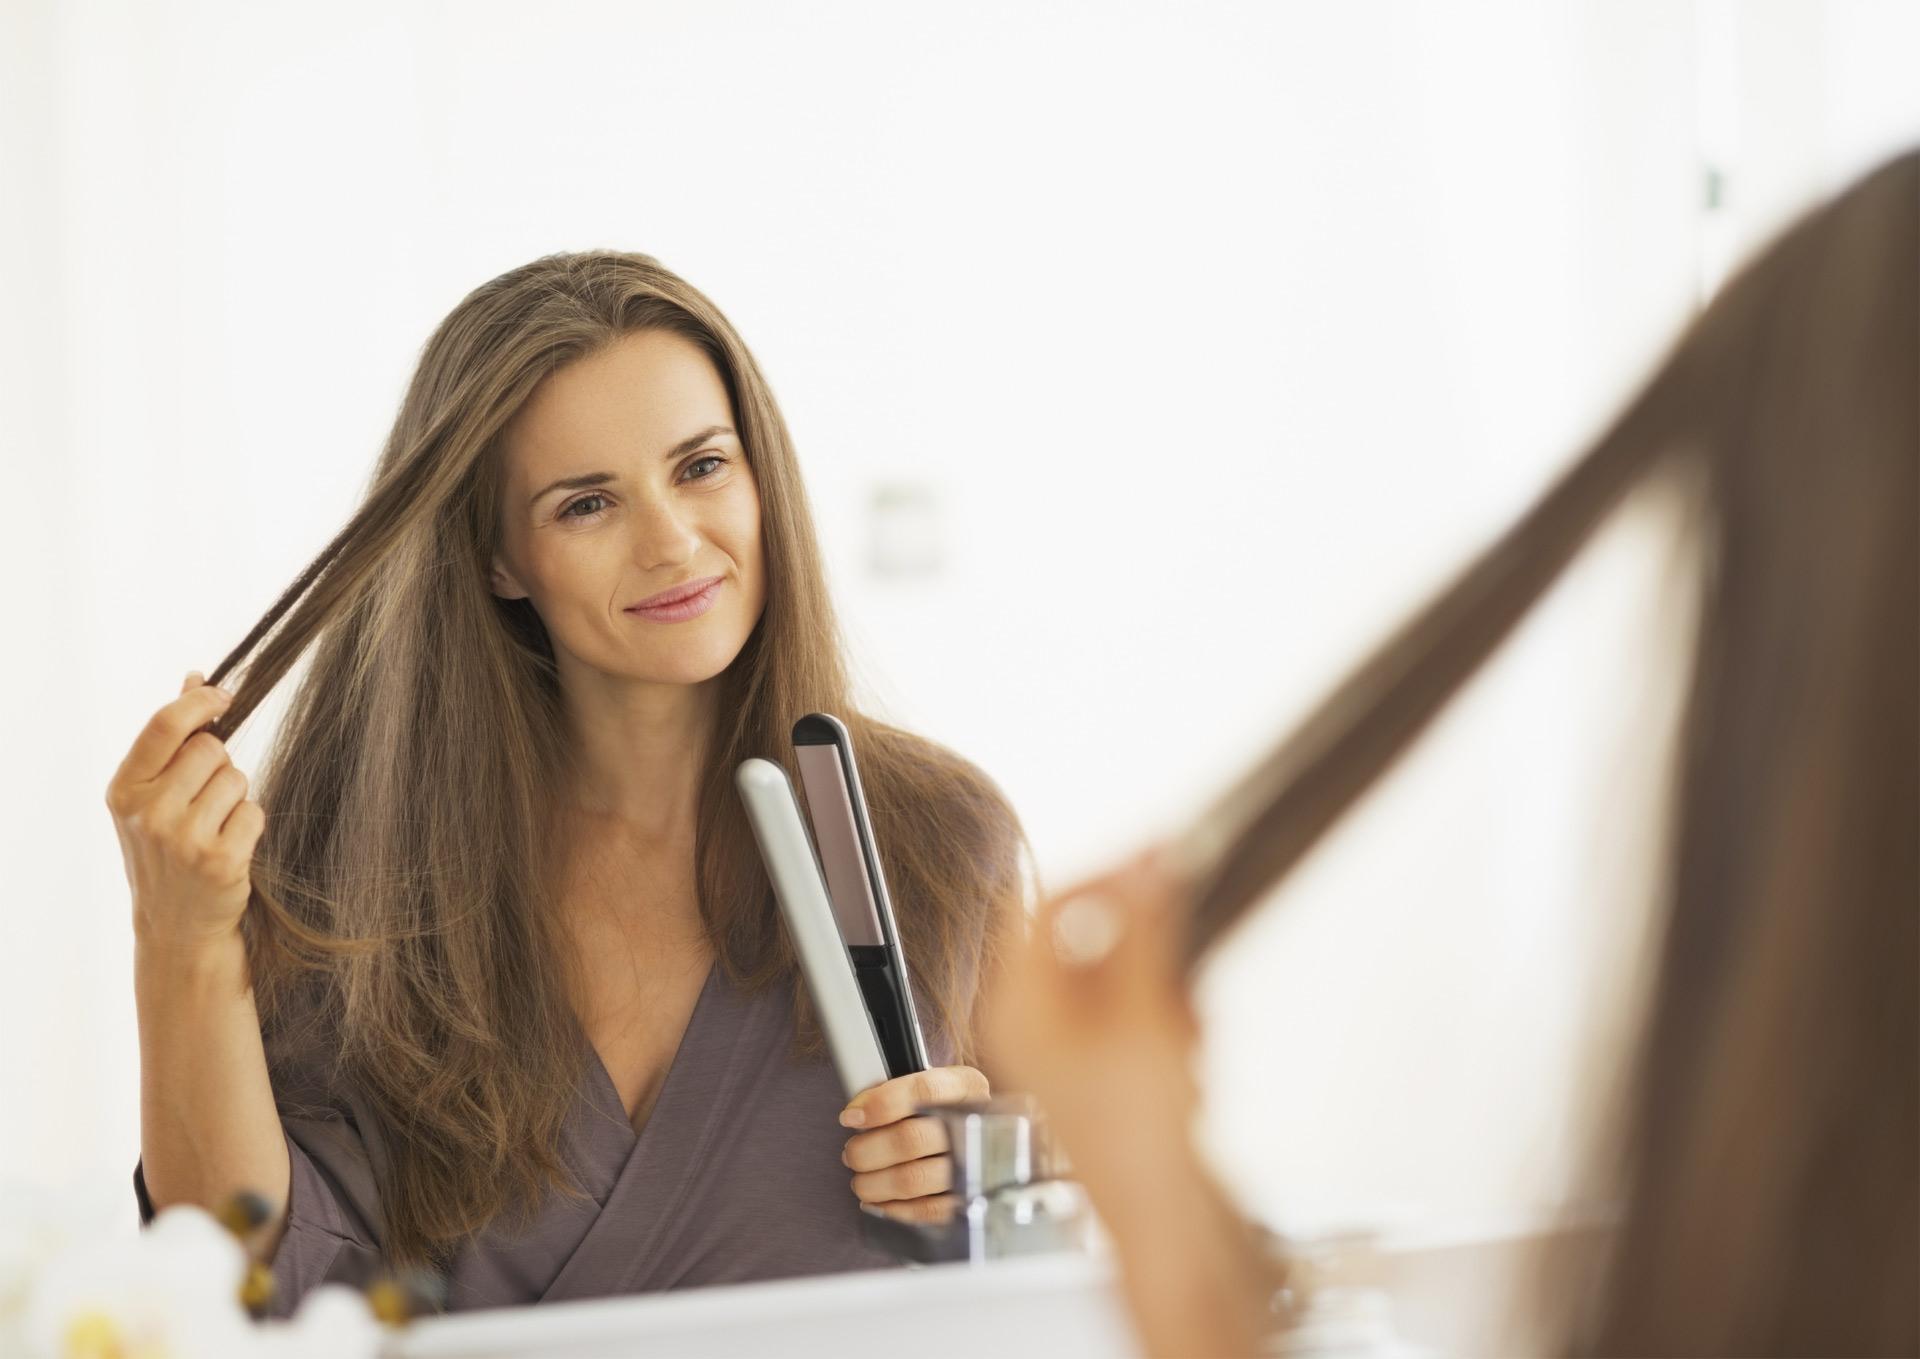 Usar la plancha de cabello no es complicado. Lo difícil es lograr un look natural que no se vea plano. Aprende aquí los trucos para lograrlo